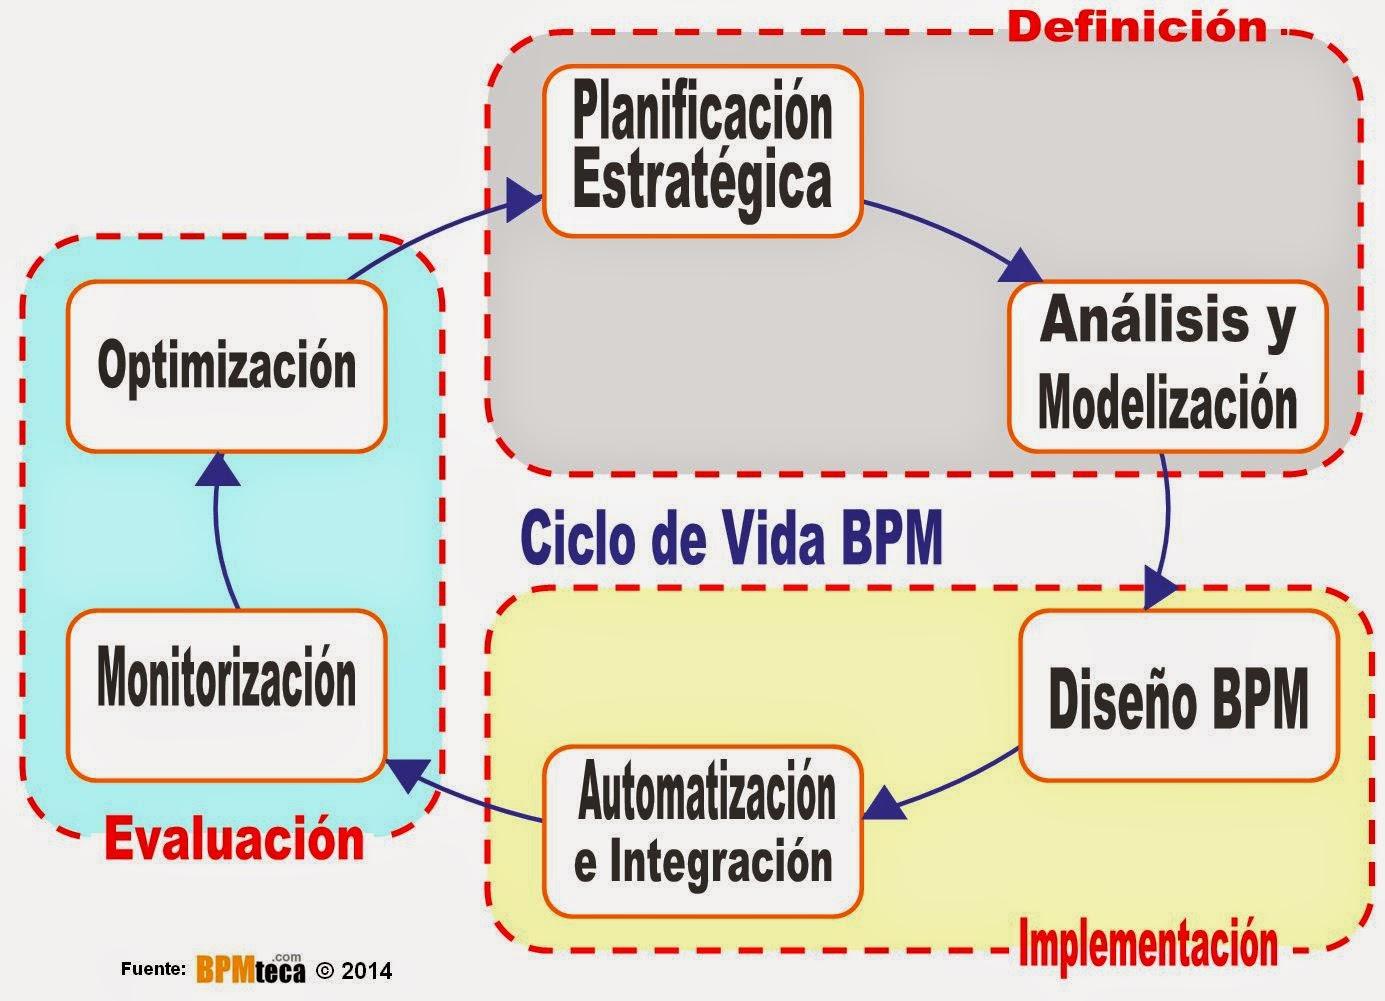 Libro Blanco sobre BPM - Gestión por Procesos: El Ciclo de Vida de BPM